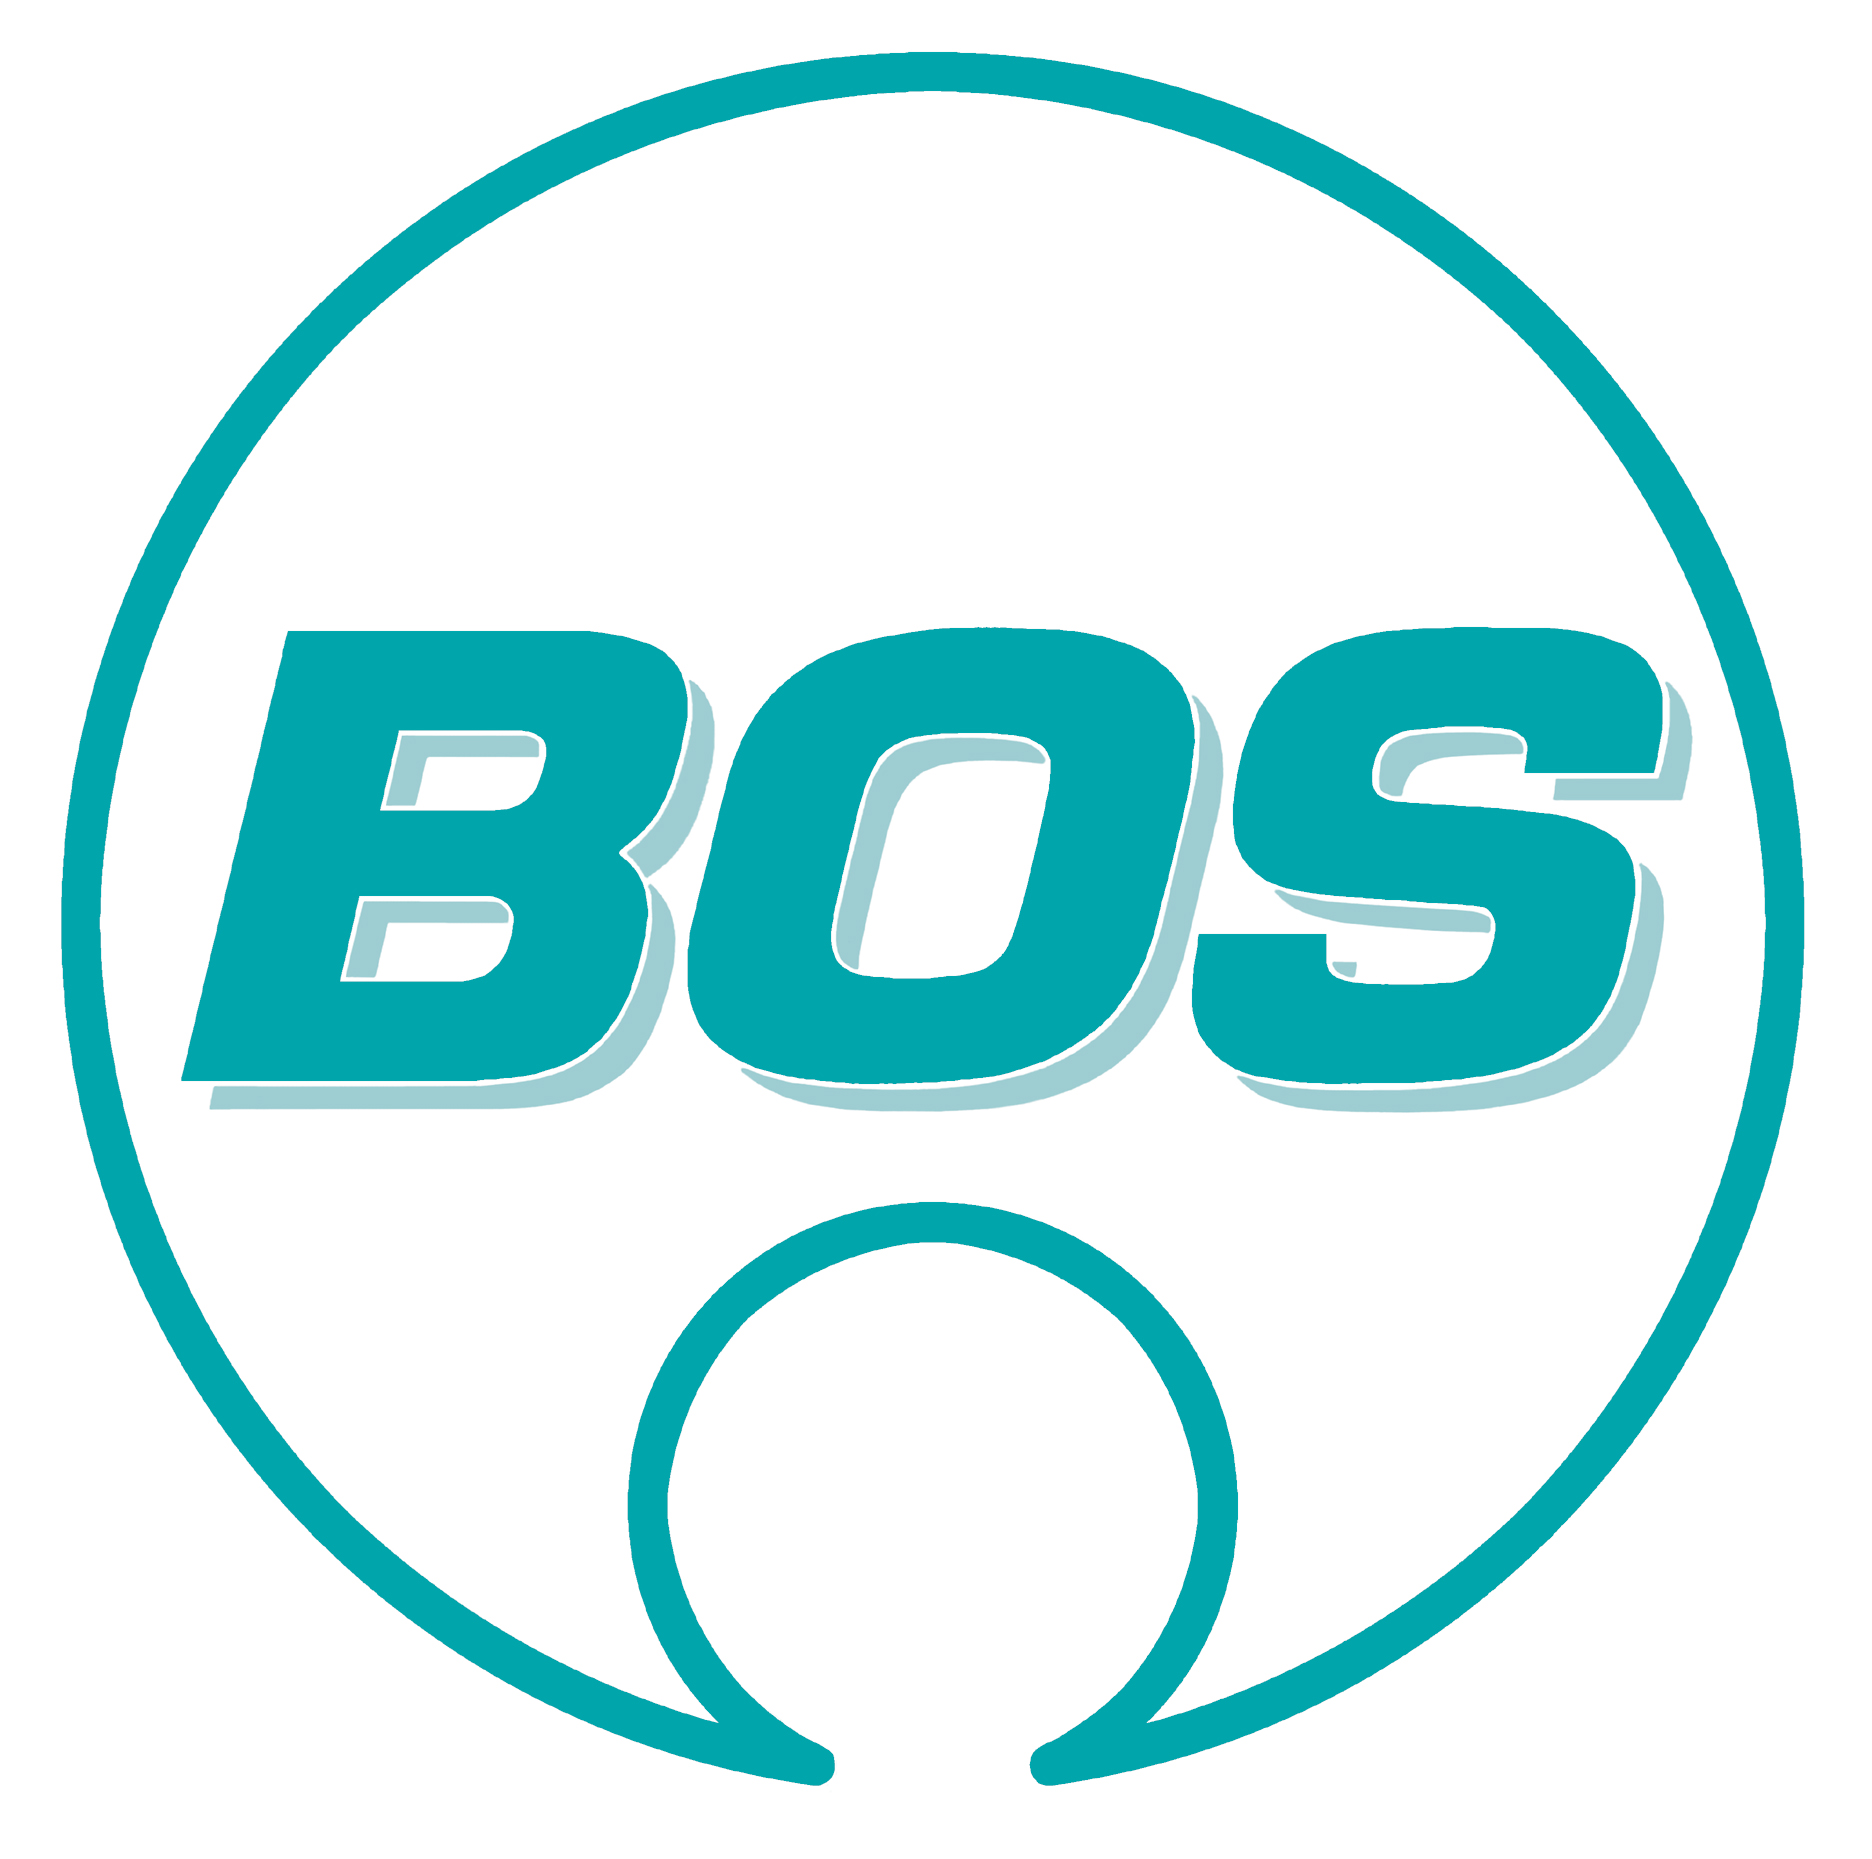 Üdvözöljük a BOS-nél!